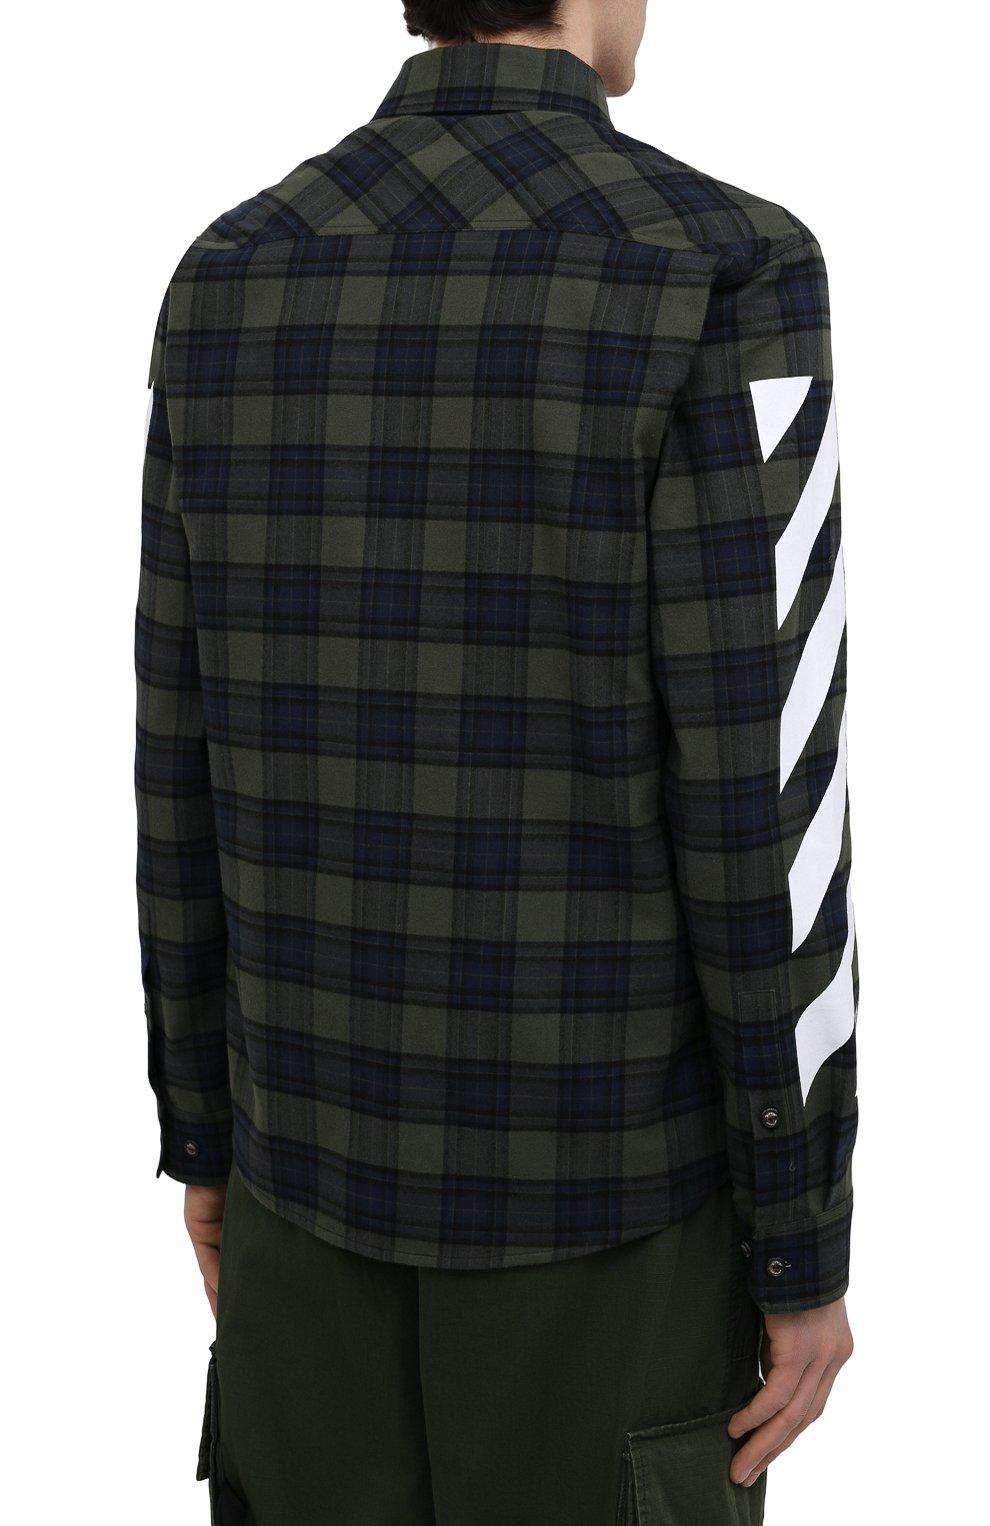 Мужская хлопковая рубашка OFF-WHITE хаки цвета, арт. 0MGA133S21FAB001   Фото 4 (Манжеты: На пуговицах; Принт: Клетка; Воротник: Кент; Рукава: Длинные; Случай: Повседневный; Длина (для топов): Стандартные; Стили: Гранж; Материал внешний: Хлопок)